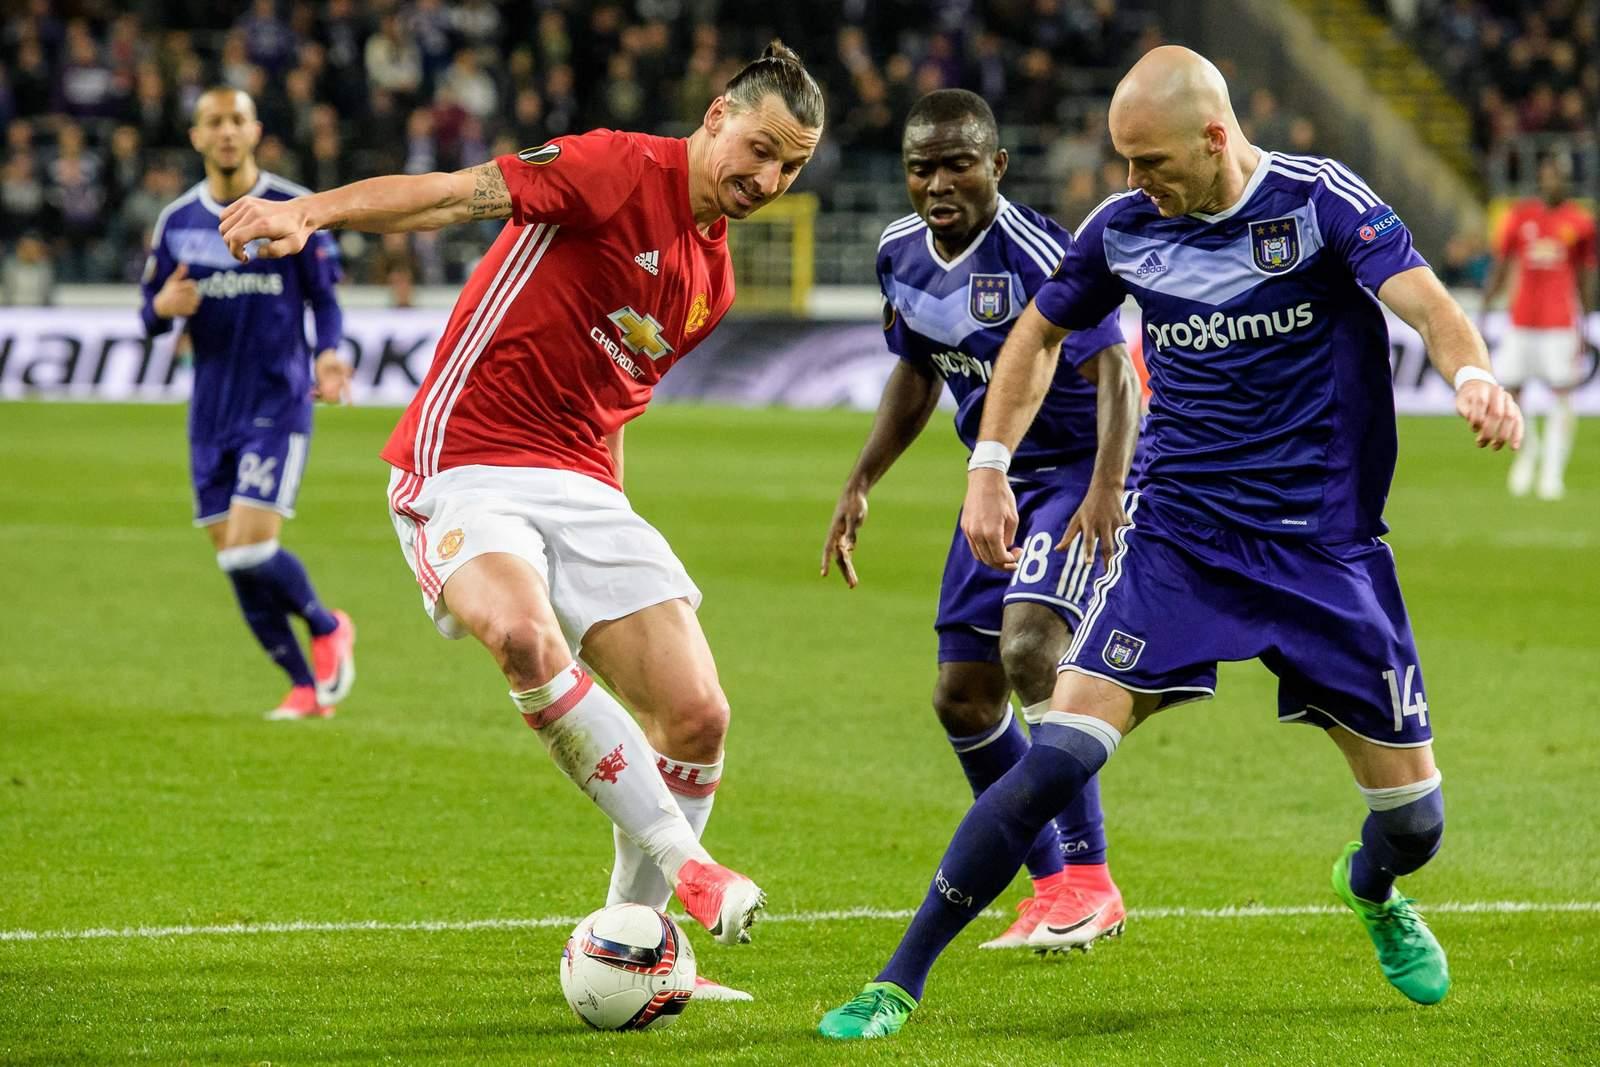 Bram Nuytinck stellt Zlatan Ibrahimovic. Jetzt auf ManU gegen Anderlecht wetten!